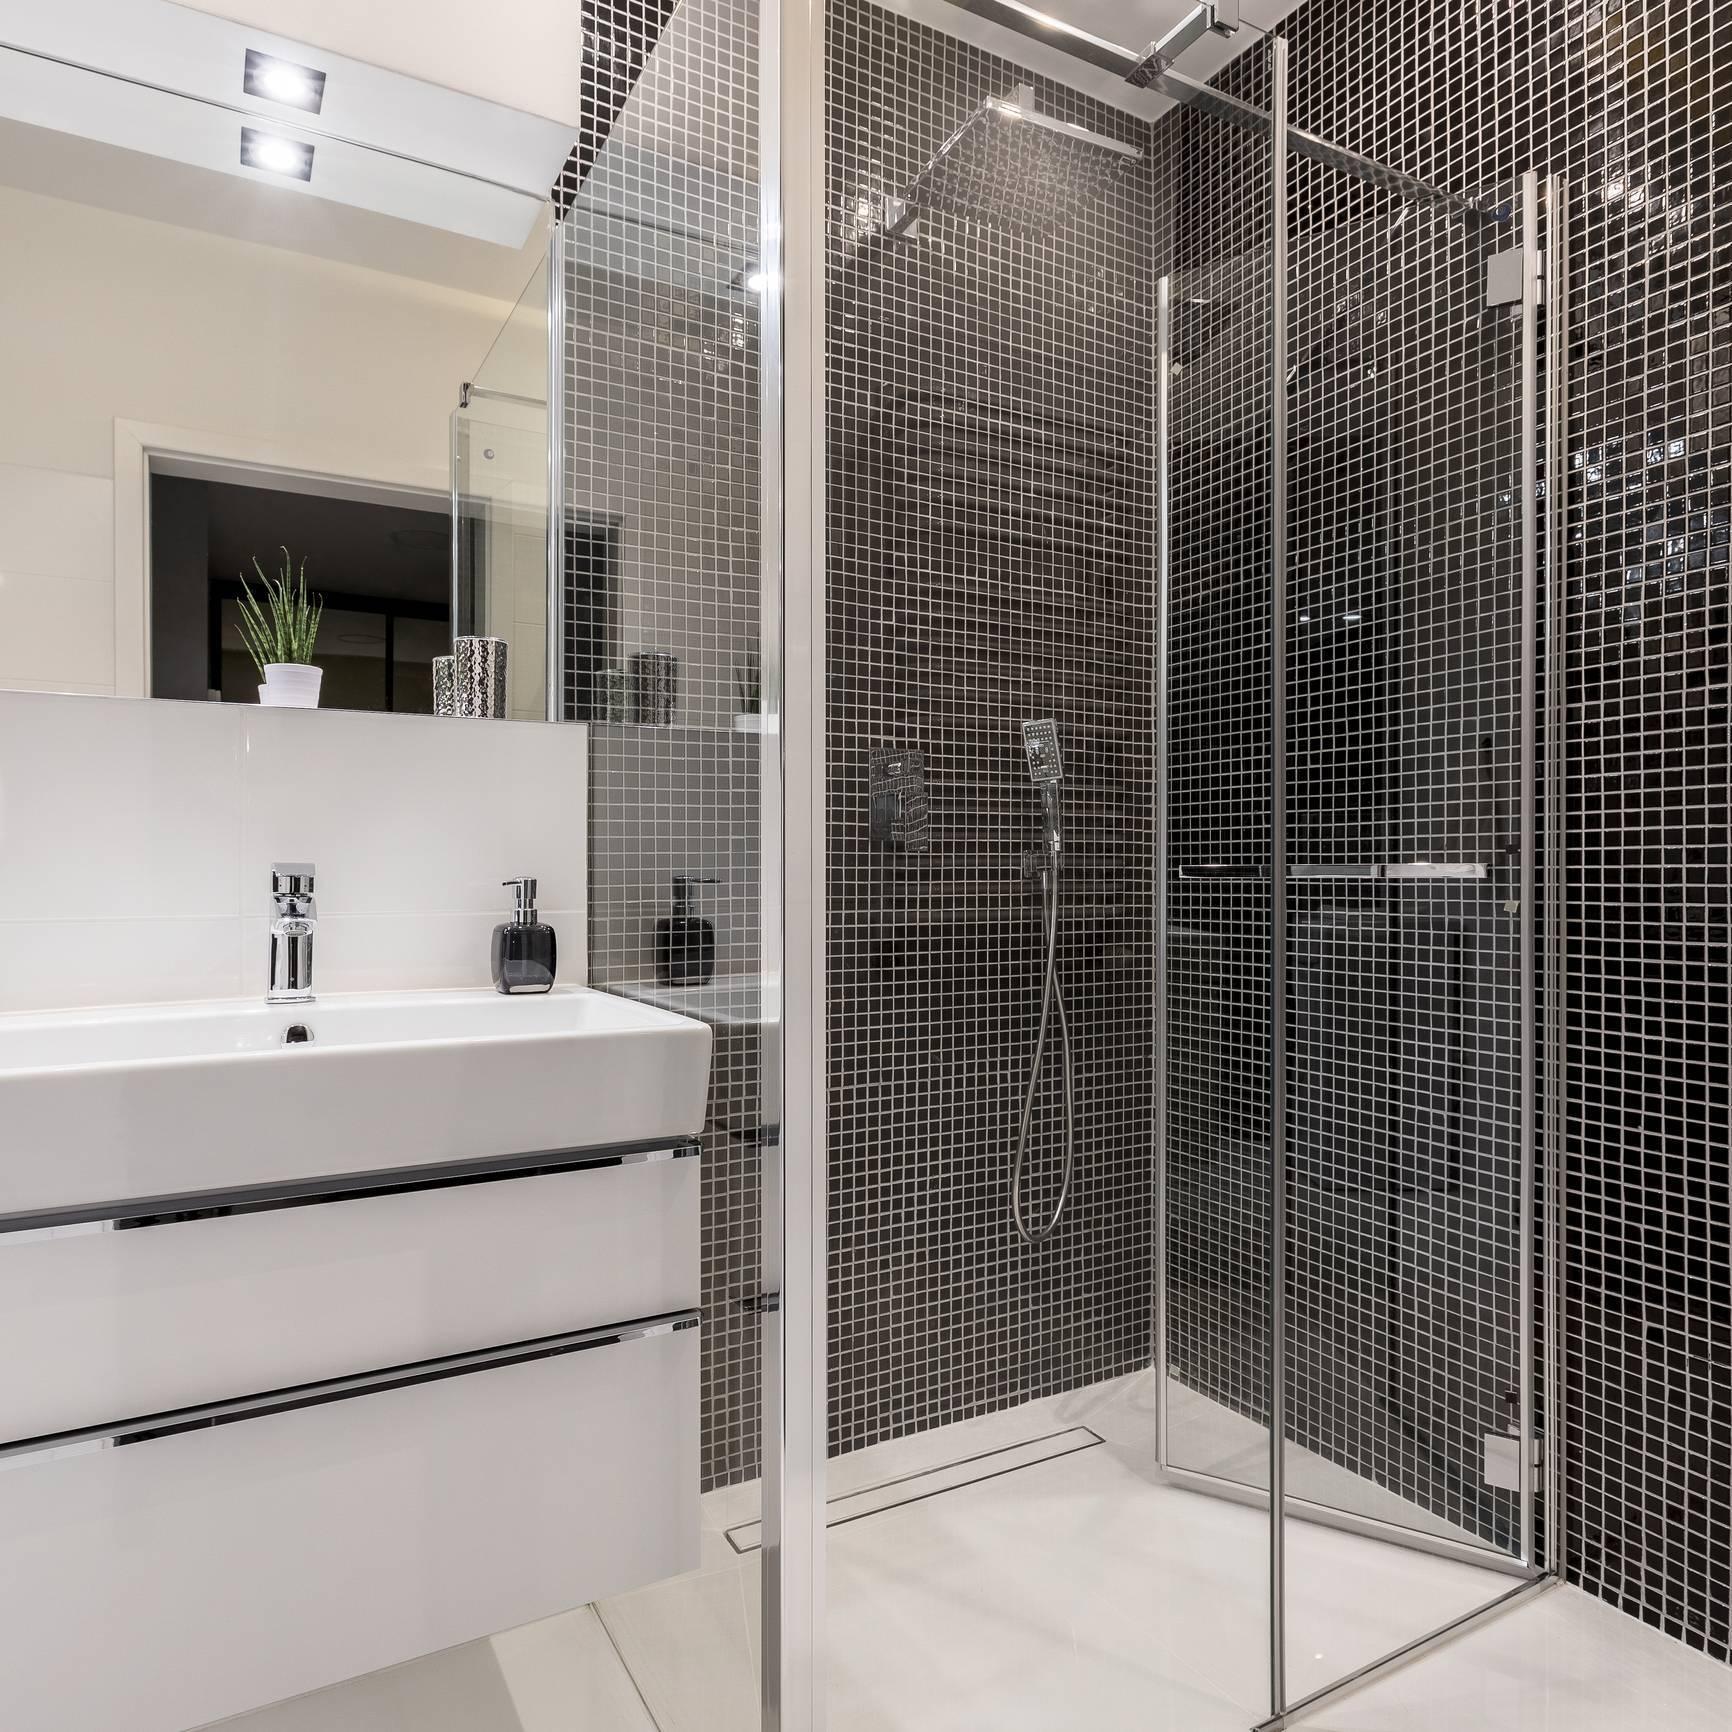 douche haut de gamme, receveur de douche